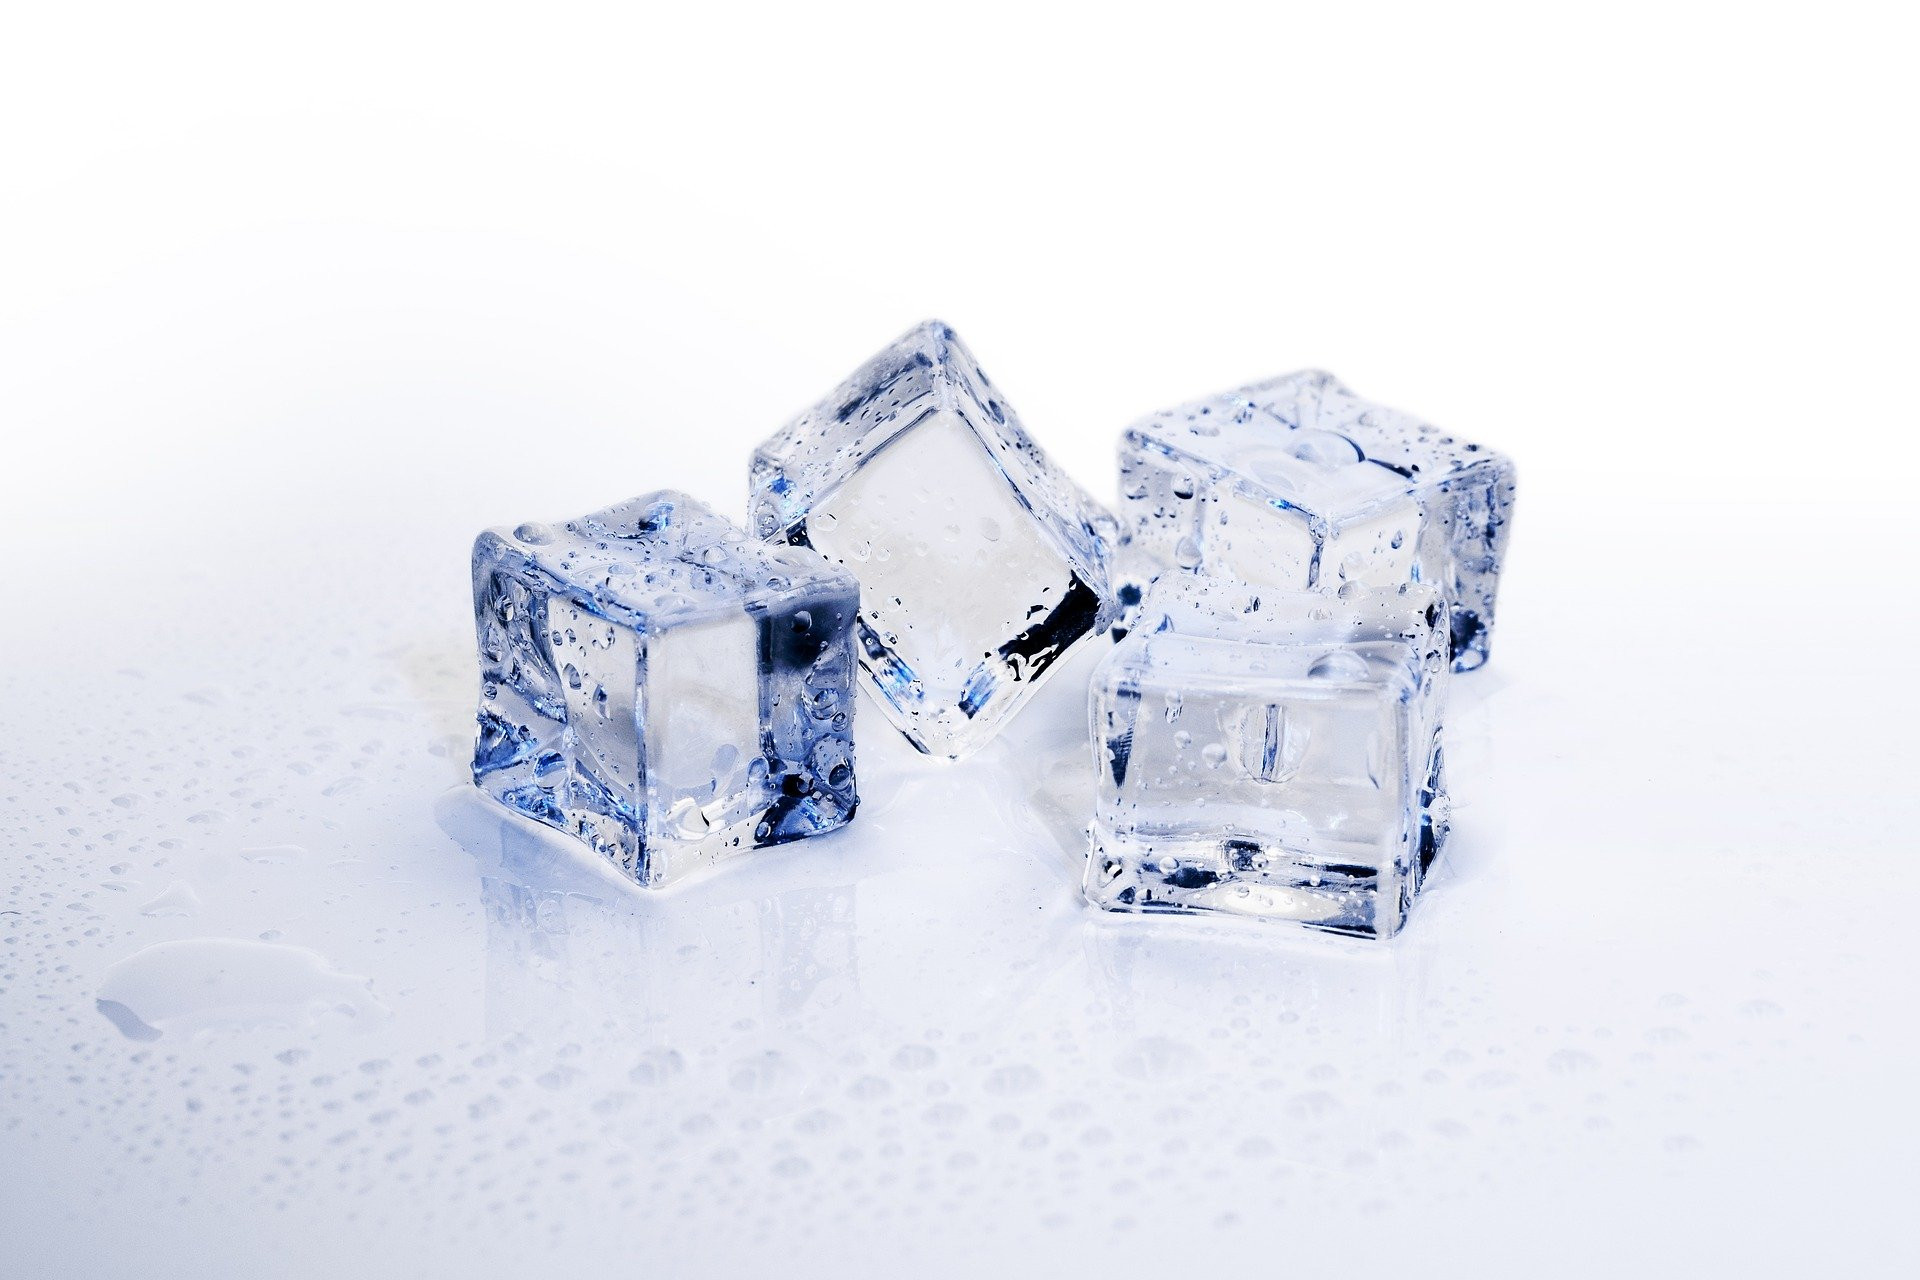 Mencegah Proses Penuaan Dini, Ini 3 Manfaat Es Batu untuk Kulit Wajah - JPNN.com